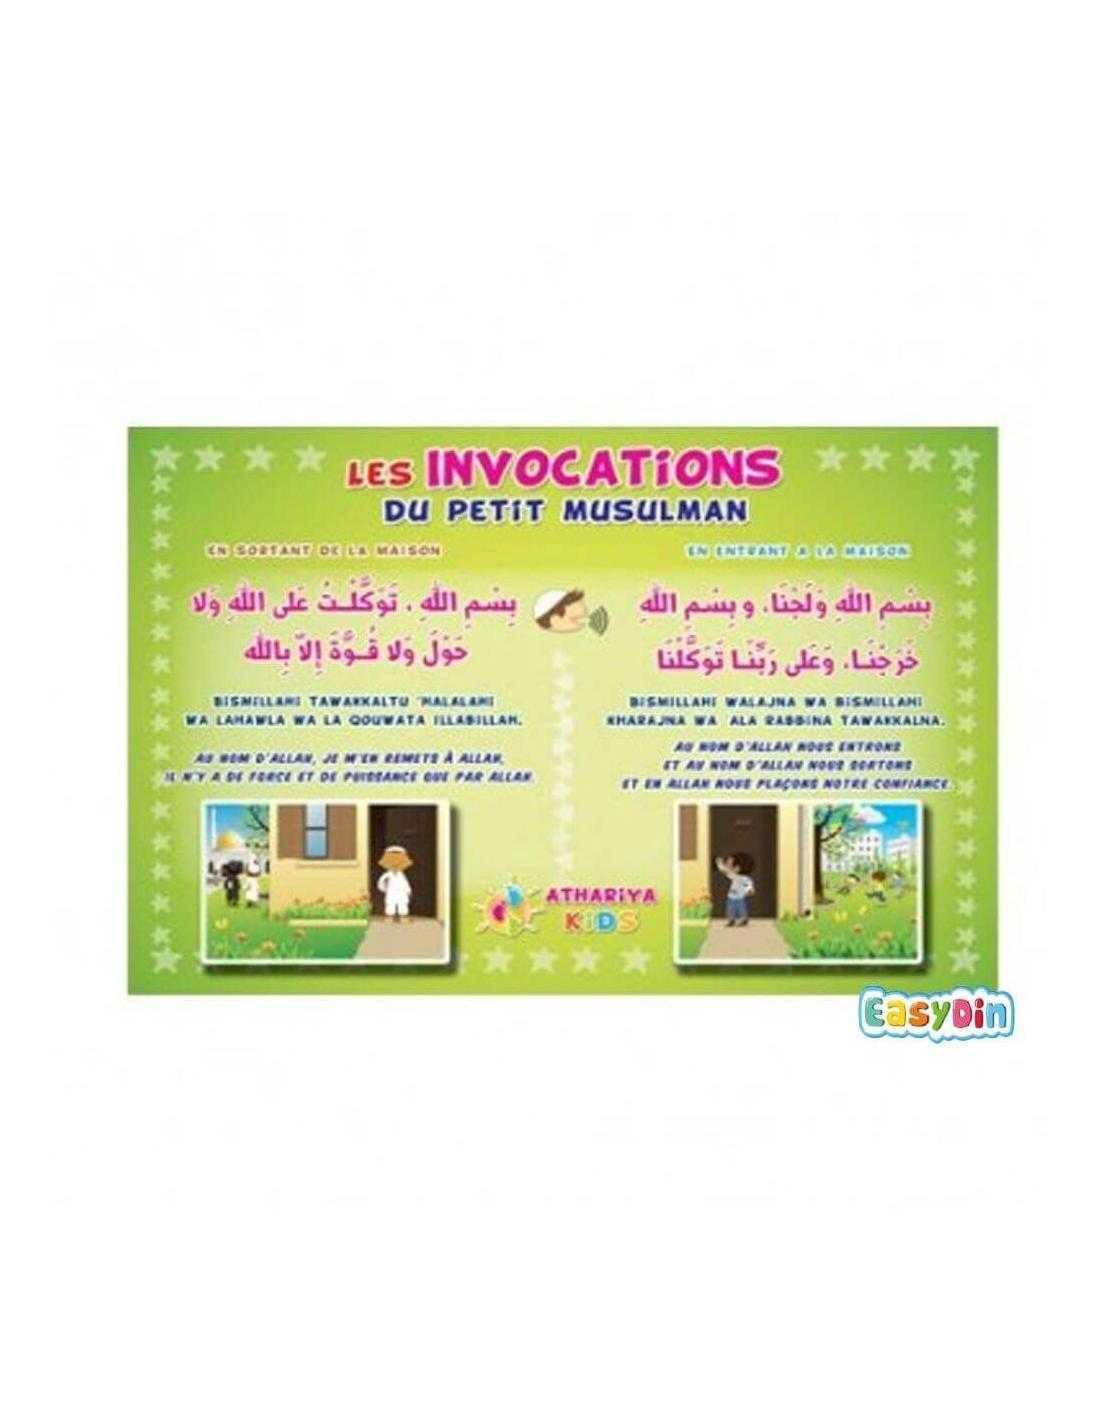 INVOCATIONS DU PETIT MUSULMAN EN SORTANT ET RENTRANT DE LA MAISON (GARÇON)